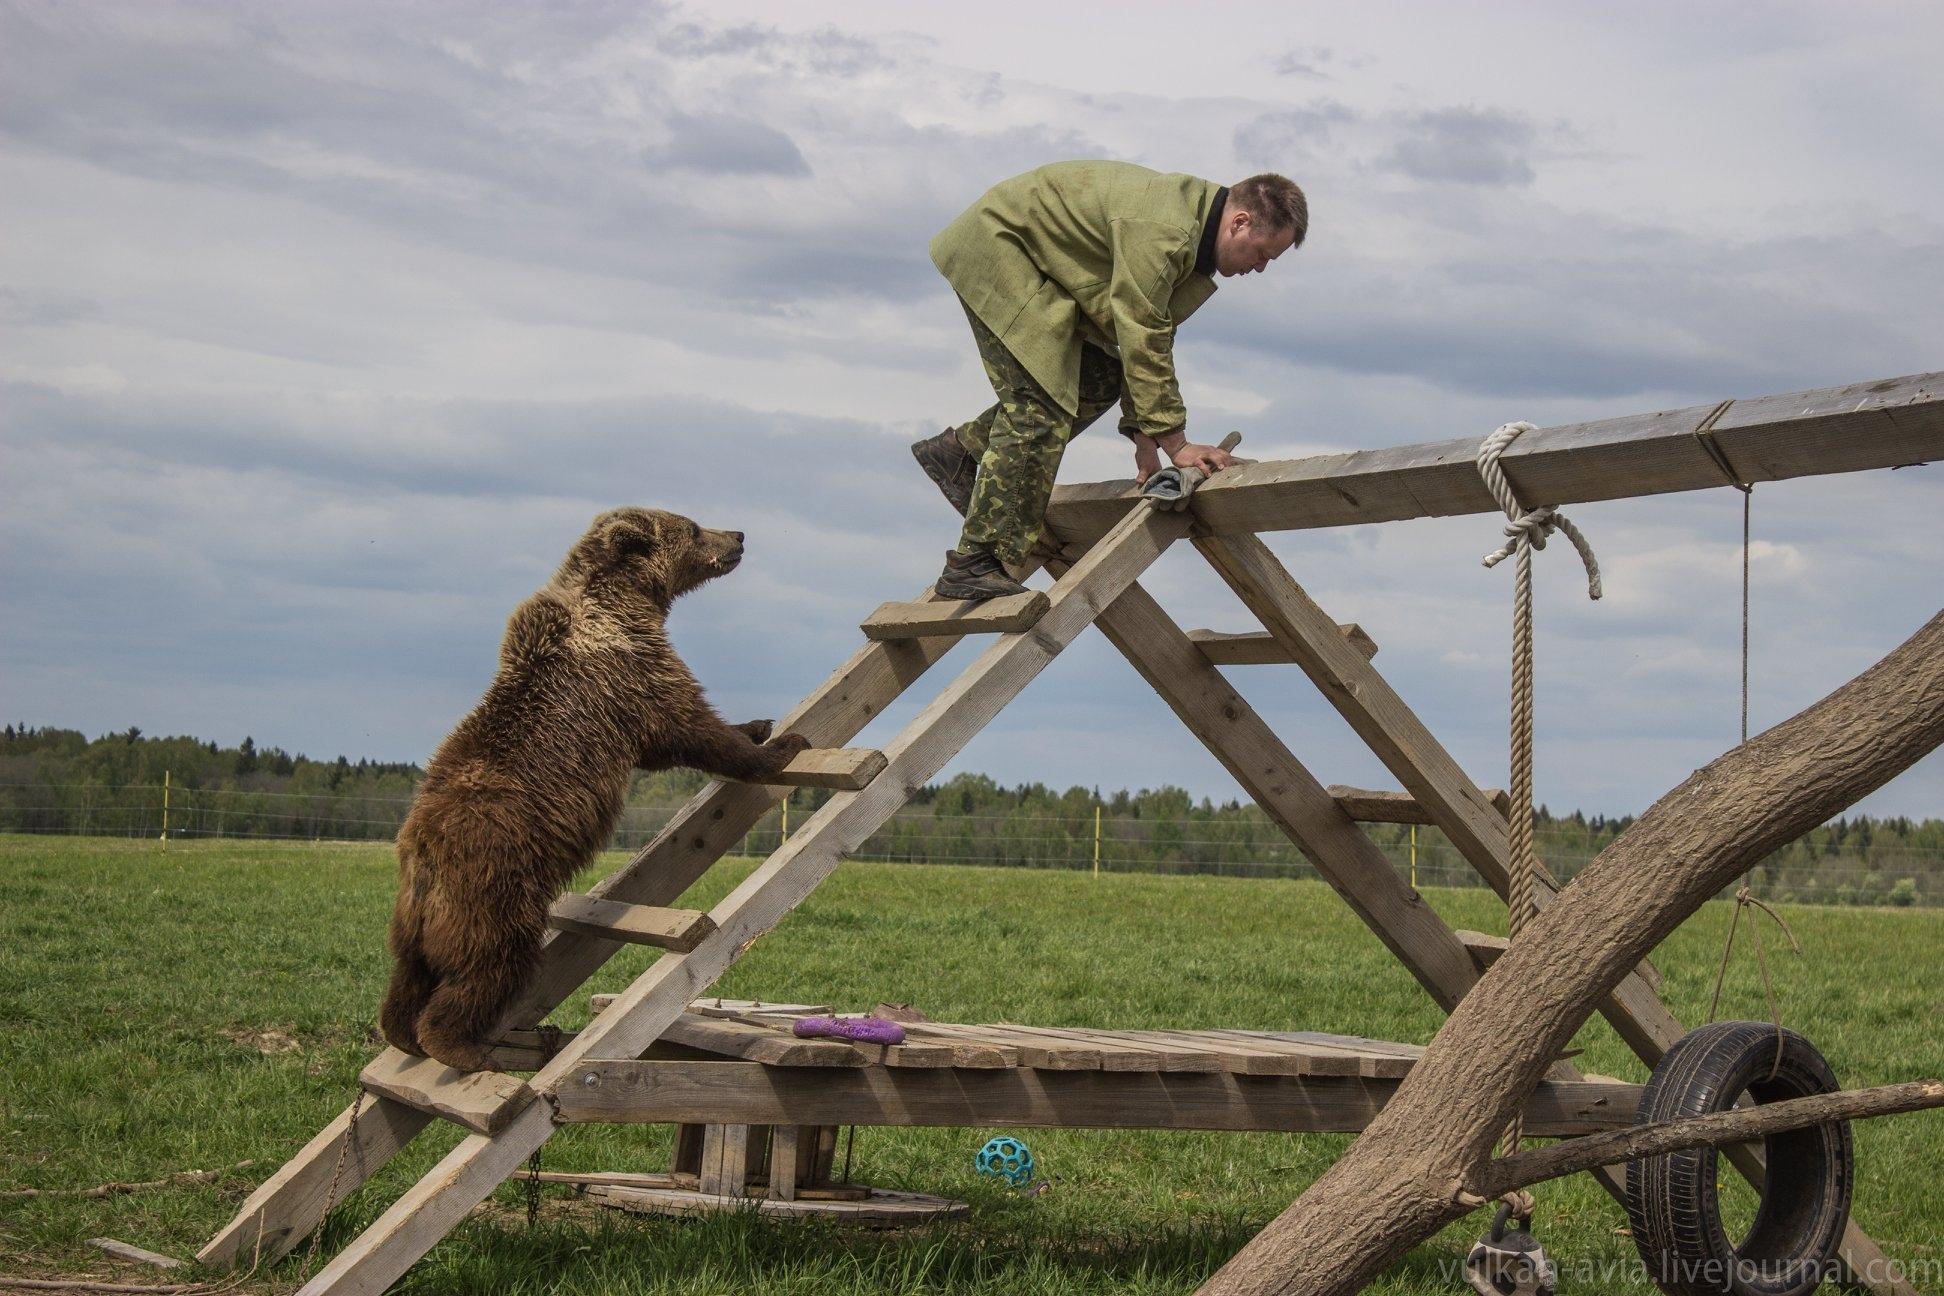 Авиамедведь из Тверской области активно занимается спортом